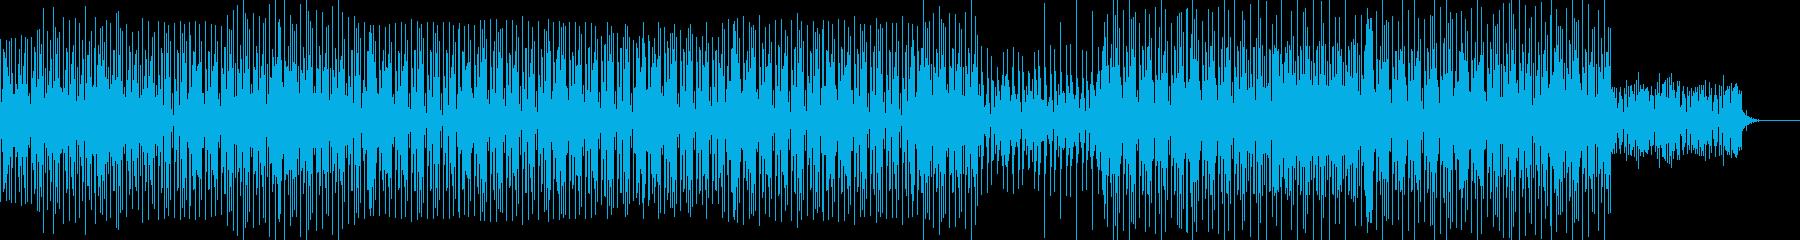 クイズ・考察・推理・解説のポップな曲の再生済みの波形